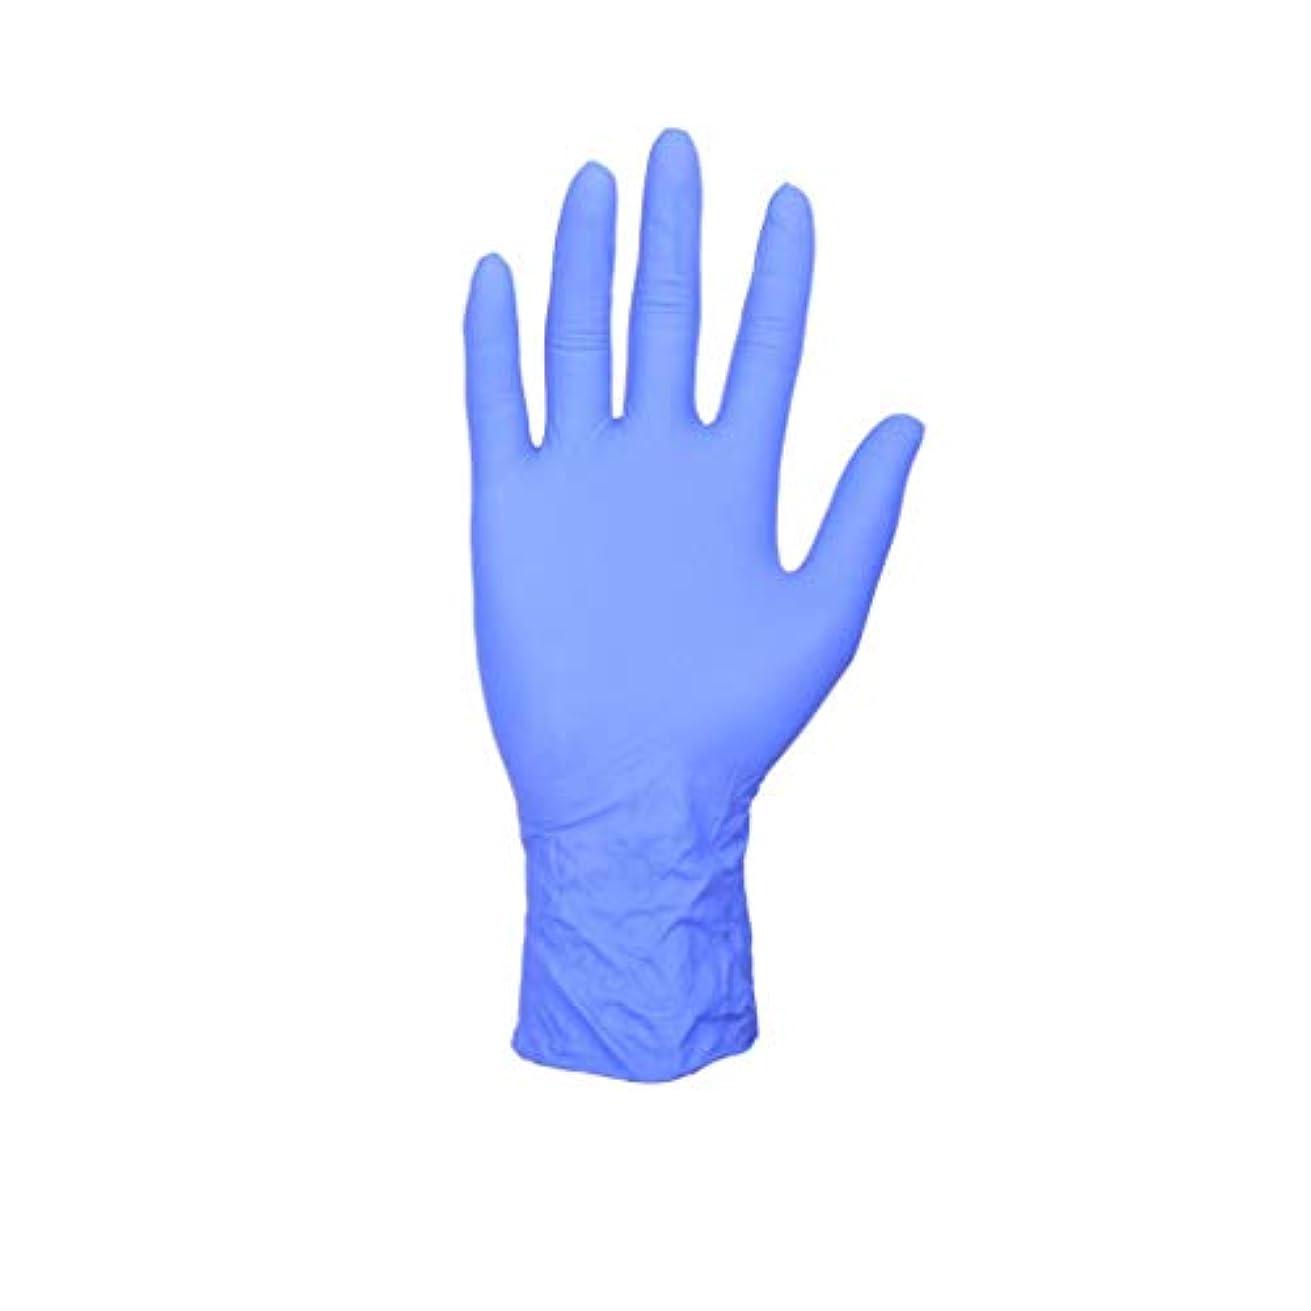 番目キャンディー装置手袋、使い捨てゴム手袋、検査、丁清手袋、油と静電気防止手袋、ラテックス手袋100ペア。 (サイズ さいず : L l, UnitCount : 100 pairs)